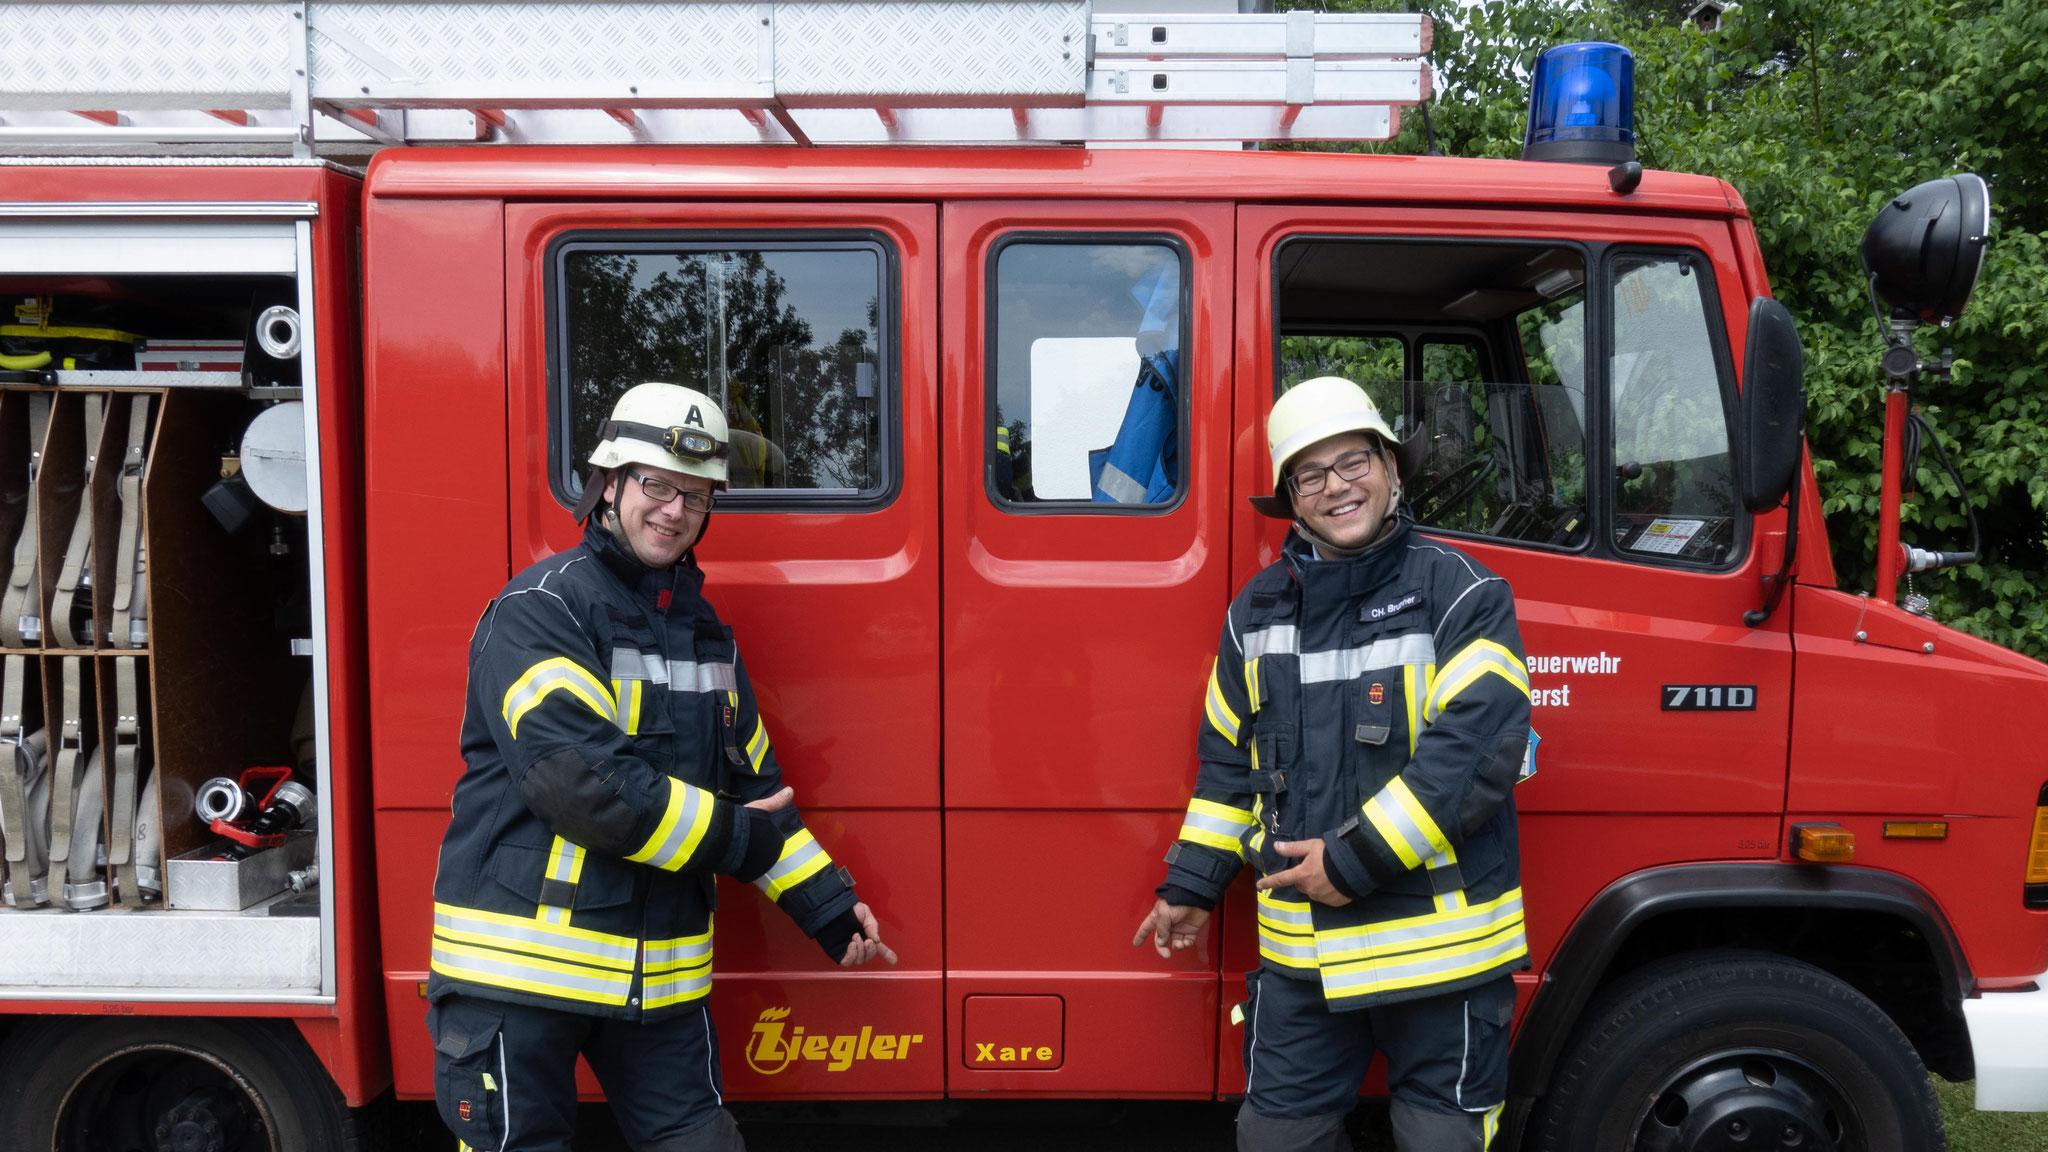 Freiwillige Feuerwehr Ermengerst - Gerätewarte